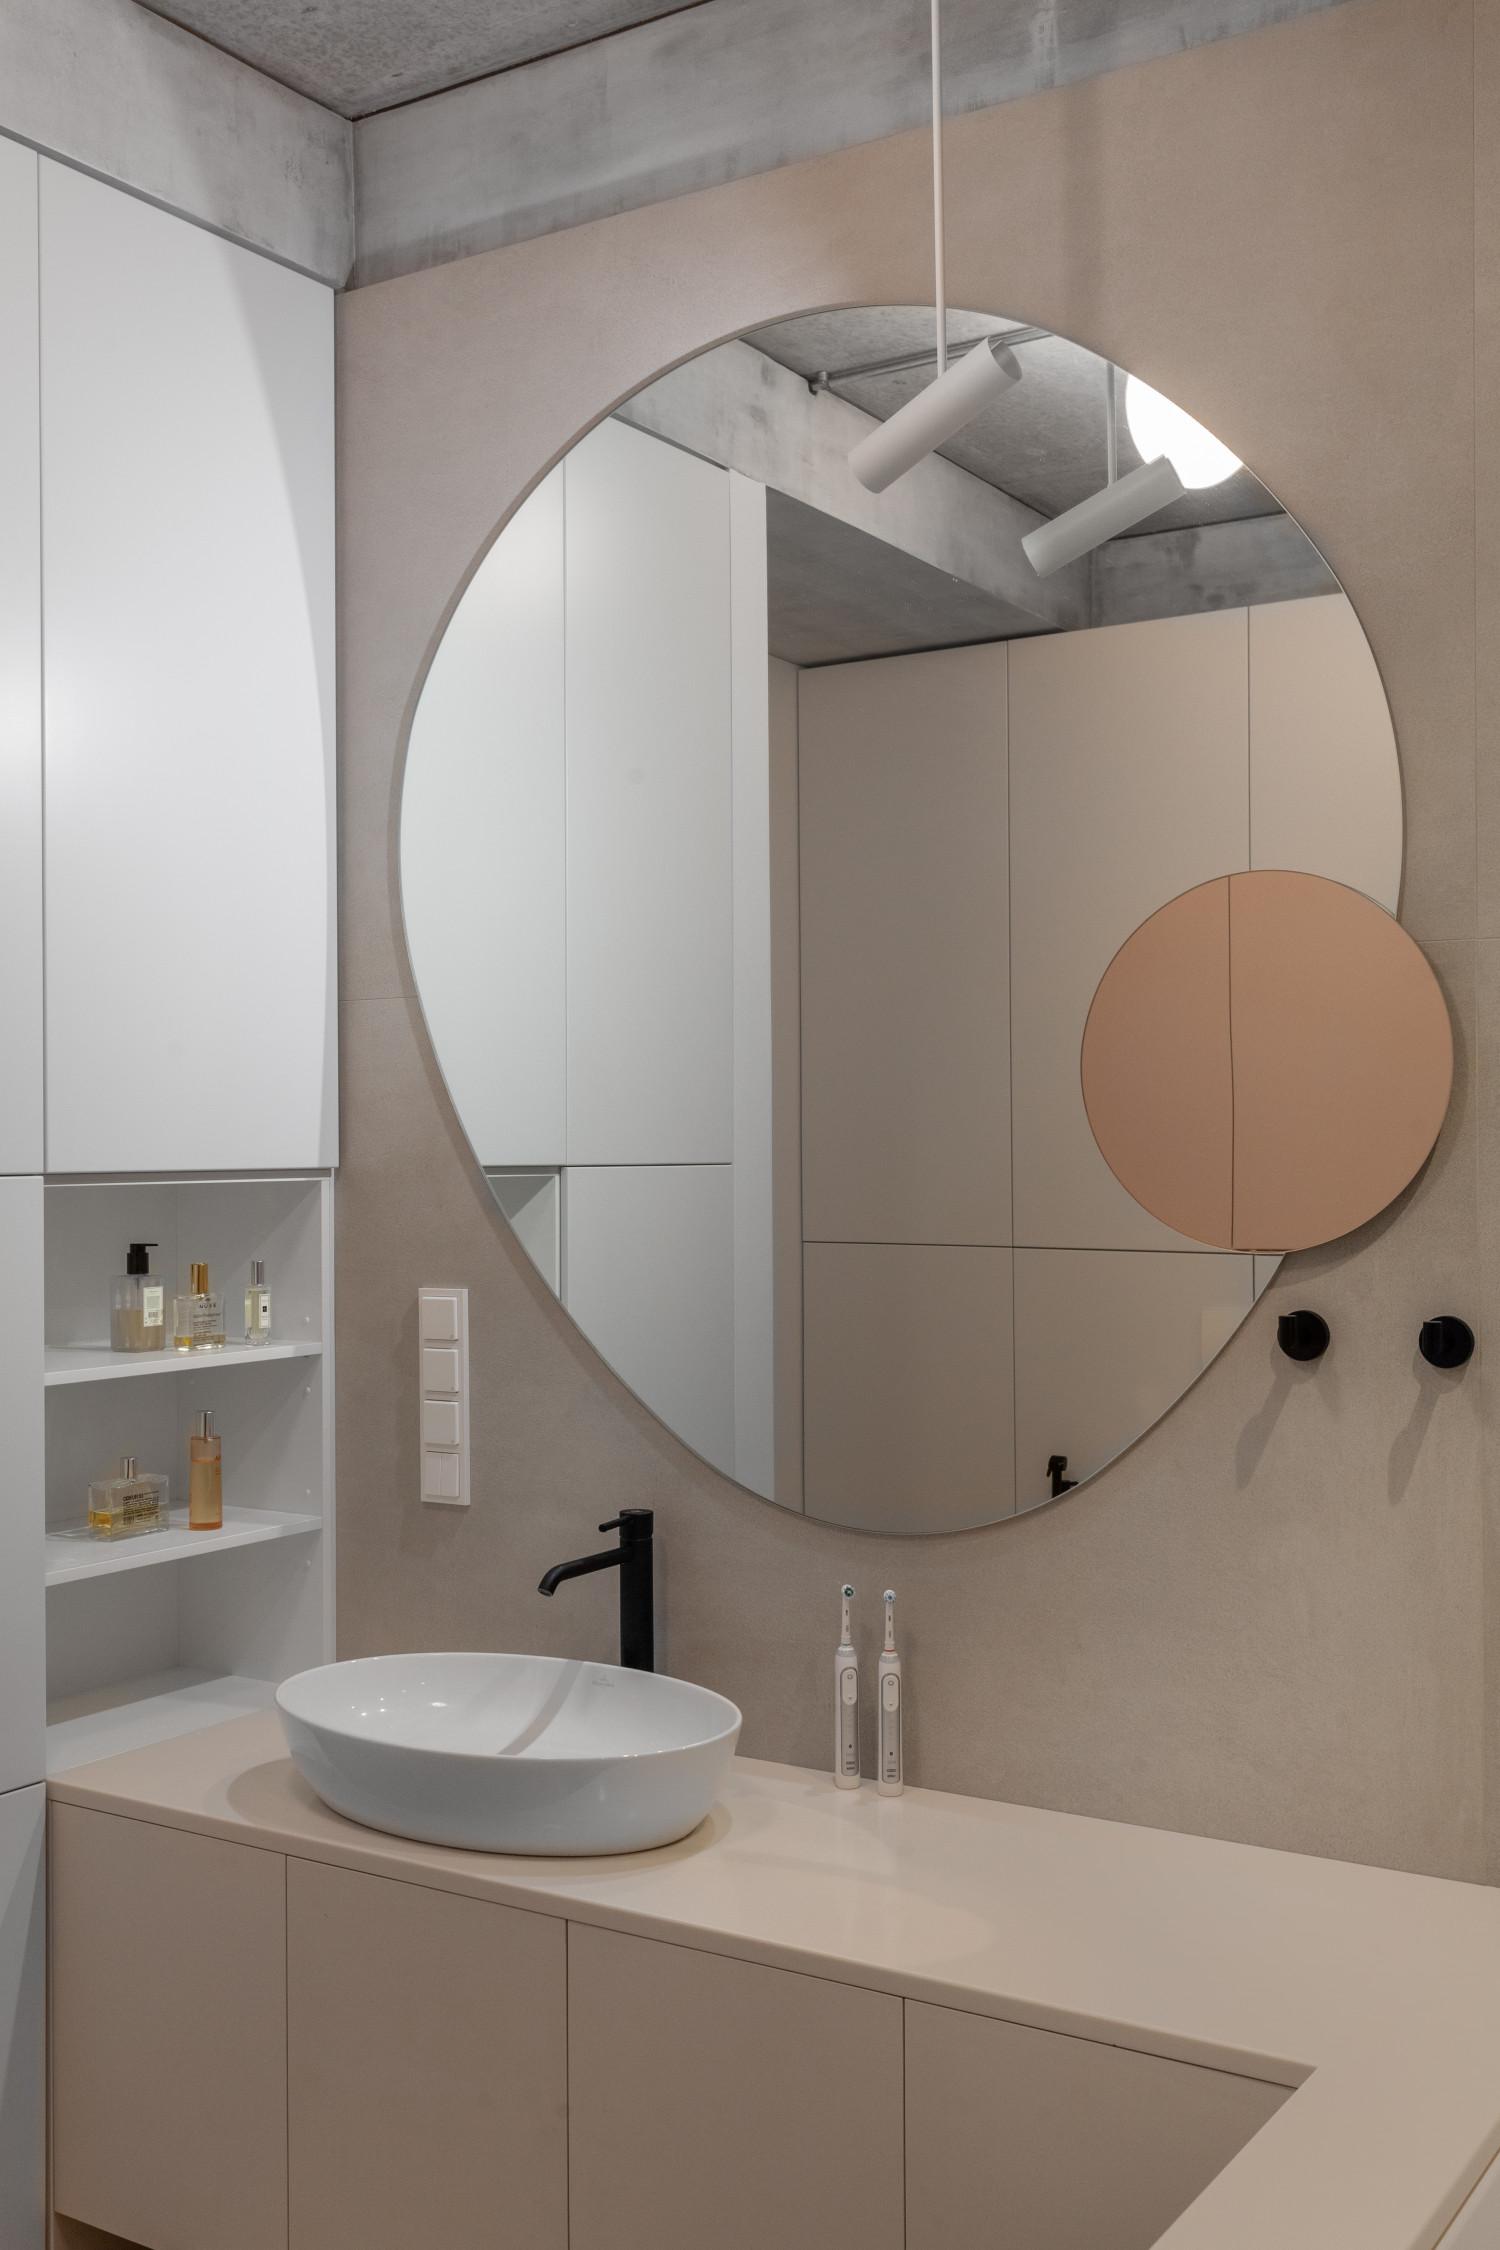 Криволинейное зеркало в ванной нарисовал 4-х летний сын Сергея. Мы сами так элегантно не умеем рисовать кривые круги.